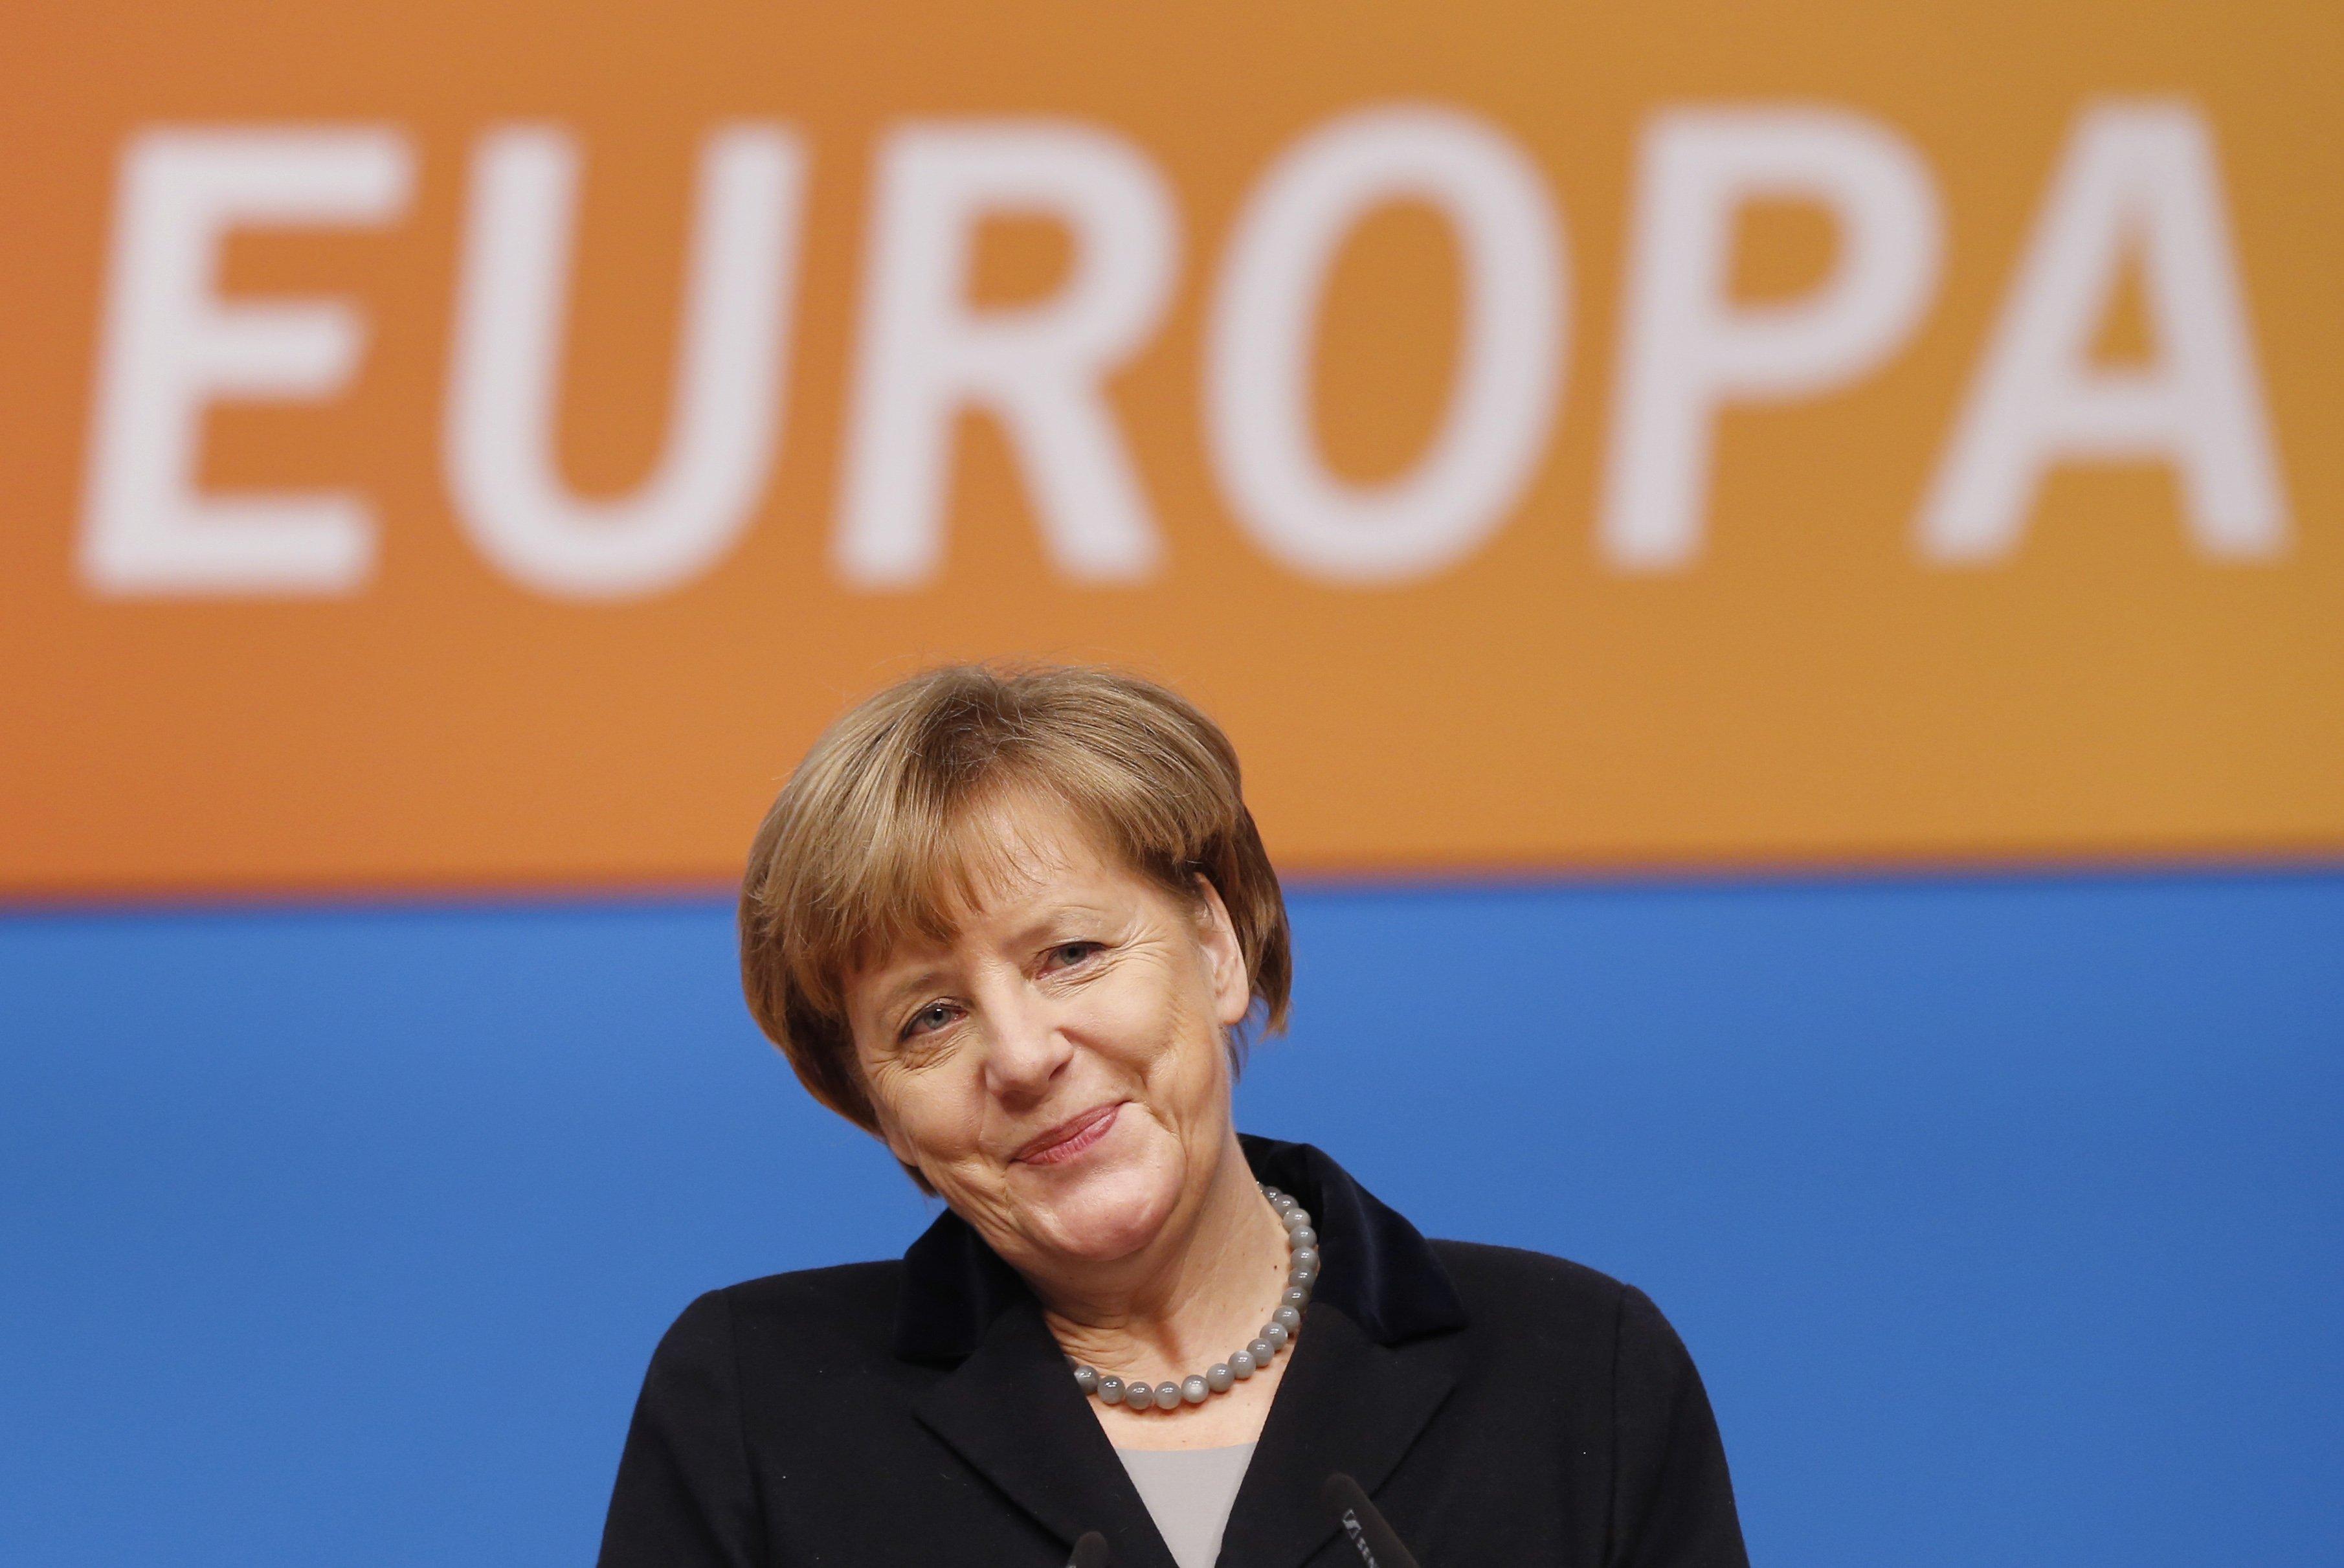 Bundeskanzletin Angela Merkel